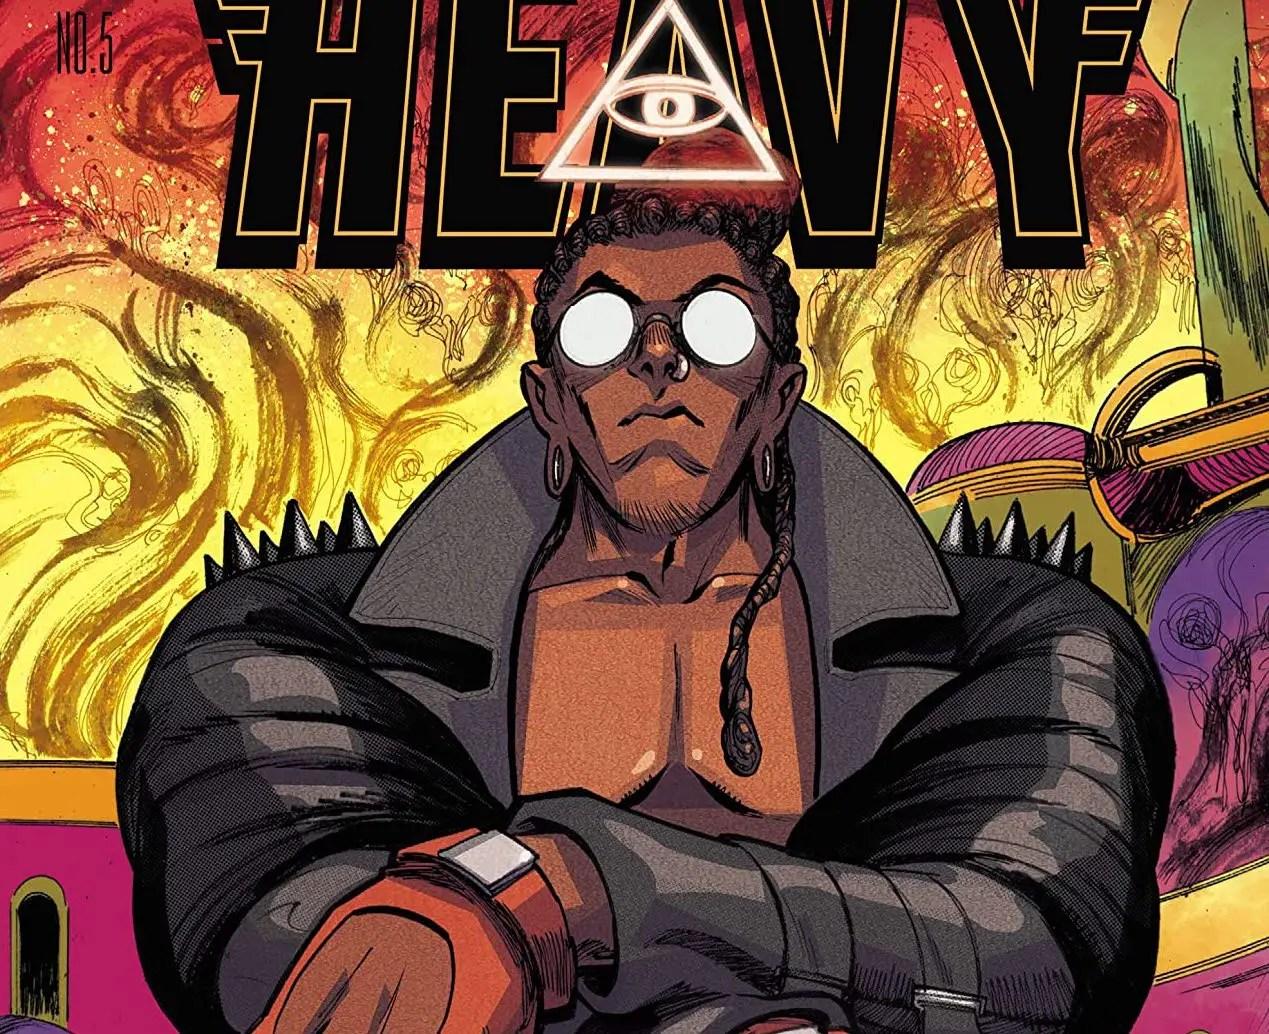 Heavy #5